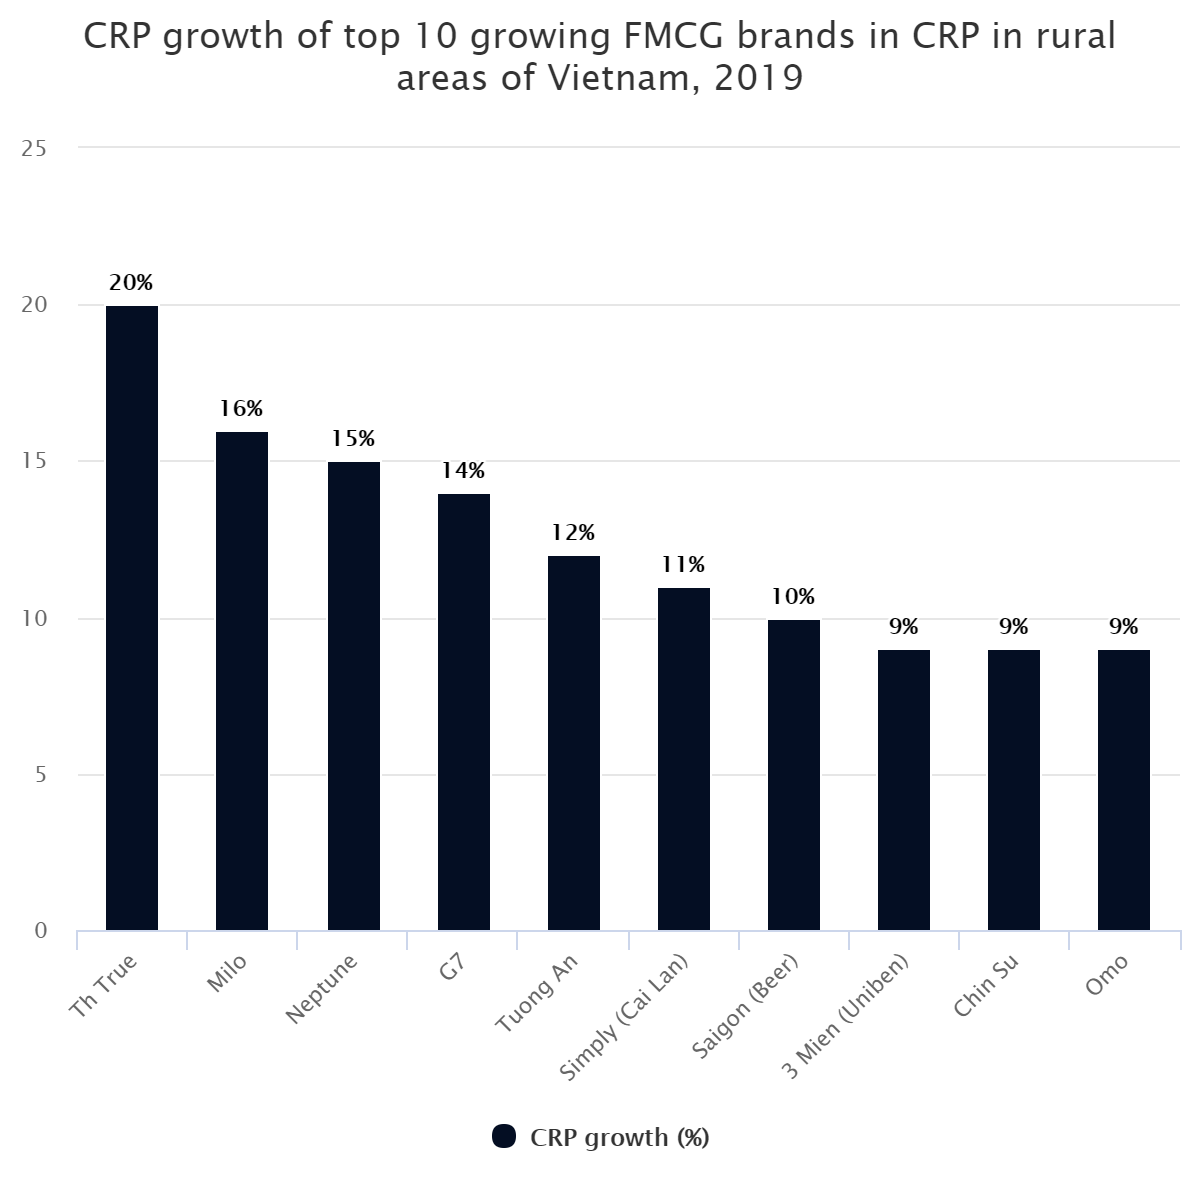 CRP growth of top 10 growing FMCG brands in CRP in rural areas of Vietnam, 2019